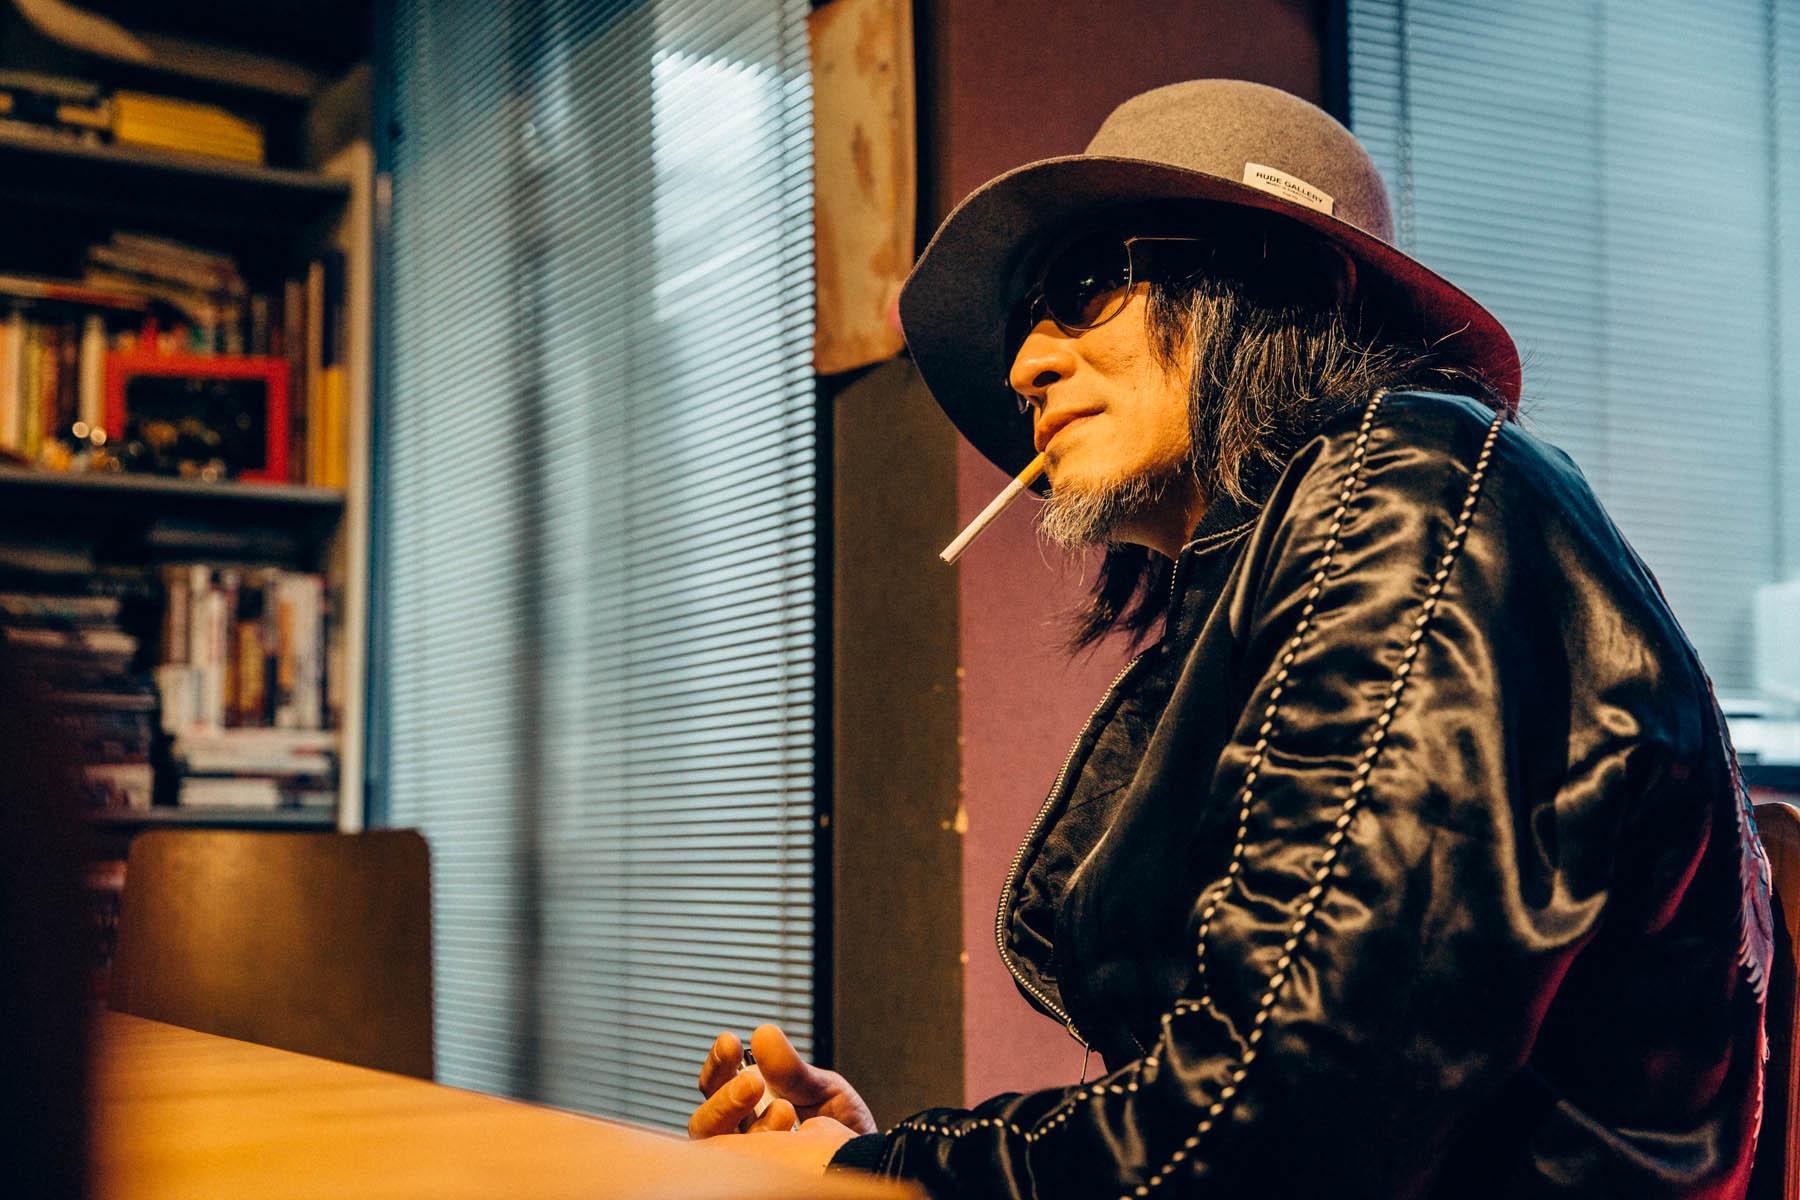 MG_3988 チバユウスケ、自身のフジロック出演歴から現在のフジロックの楽しみ方までを語る